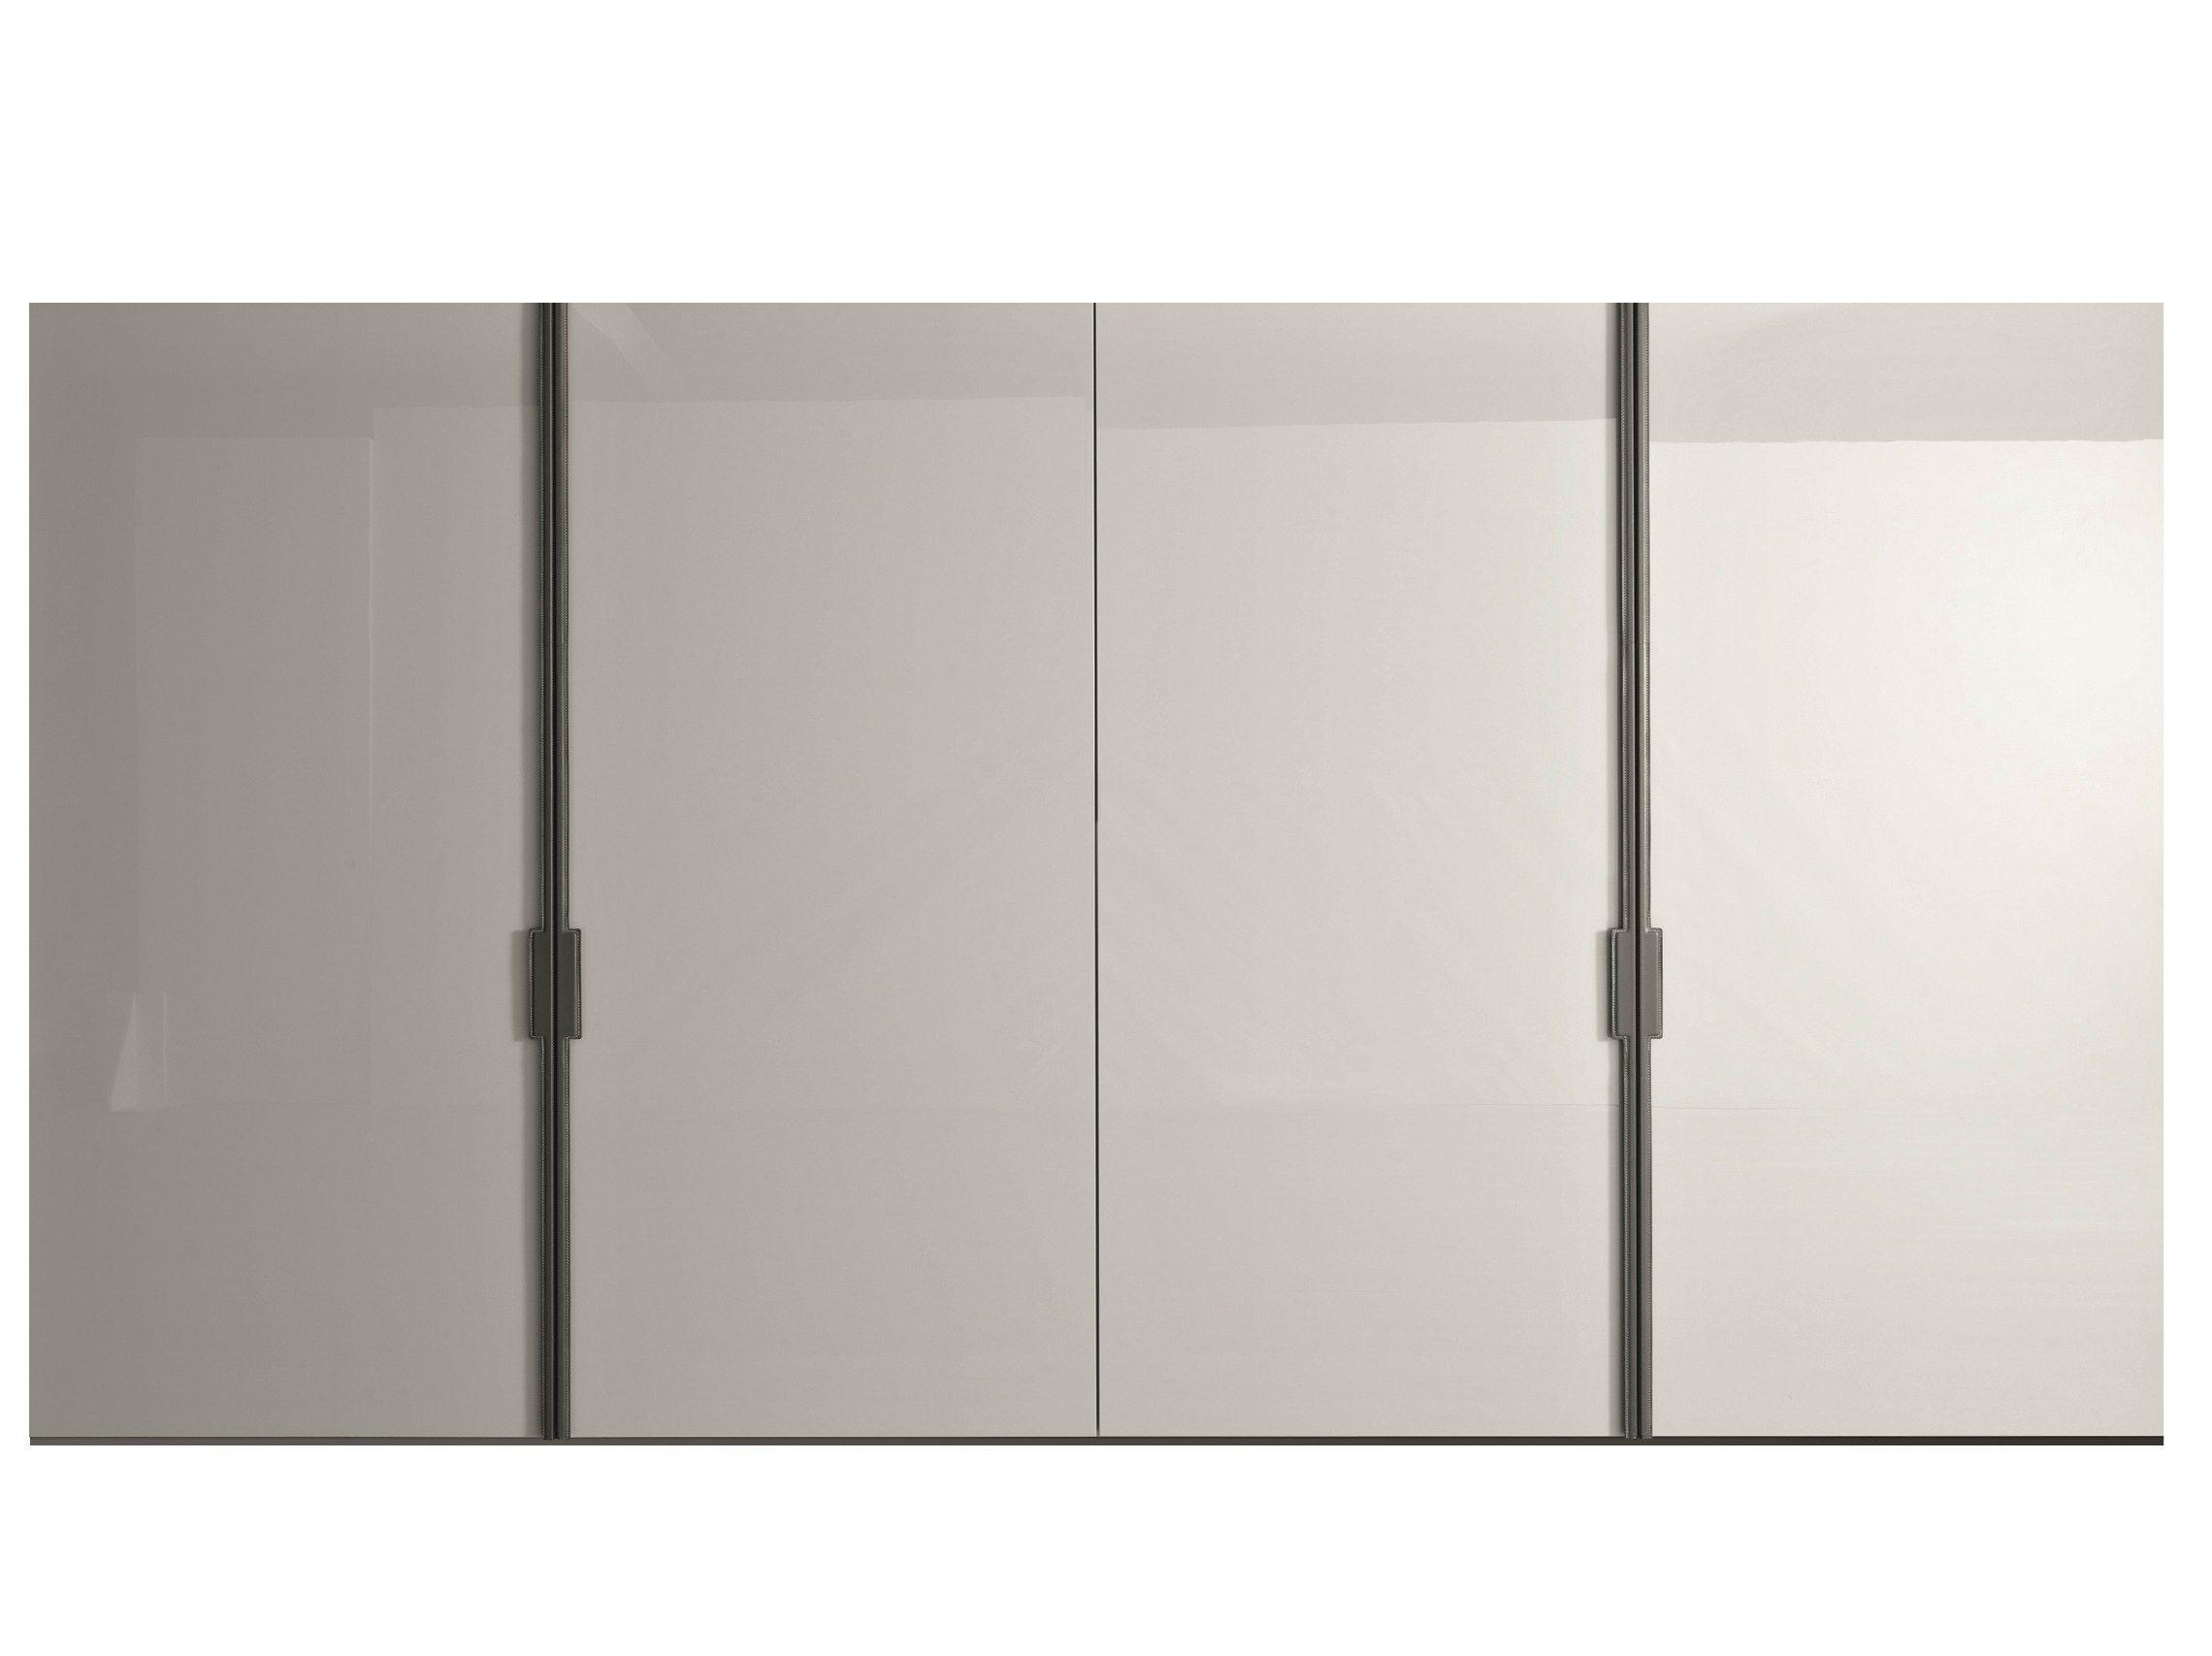 #746C58 Armoire En Bois à Portes Coulissantes Sur Mesure REVERS By  1161 armoires portes coulissantes sur mesure 2280x1707 px @ aertt.com